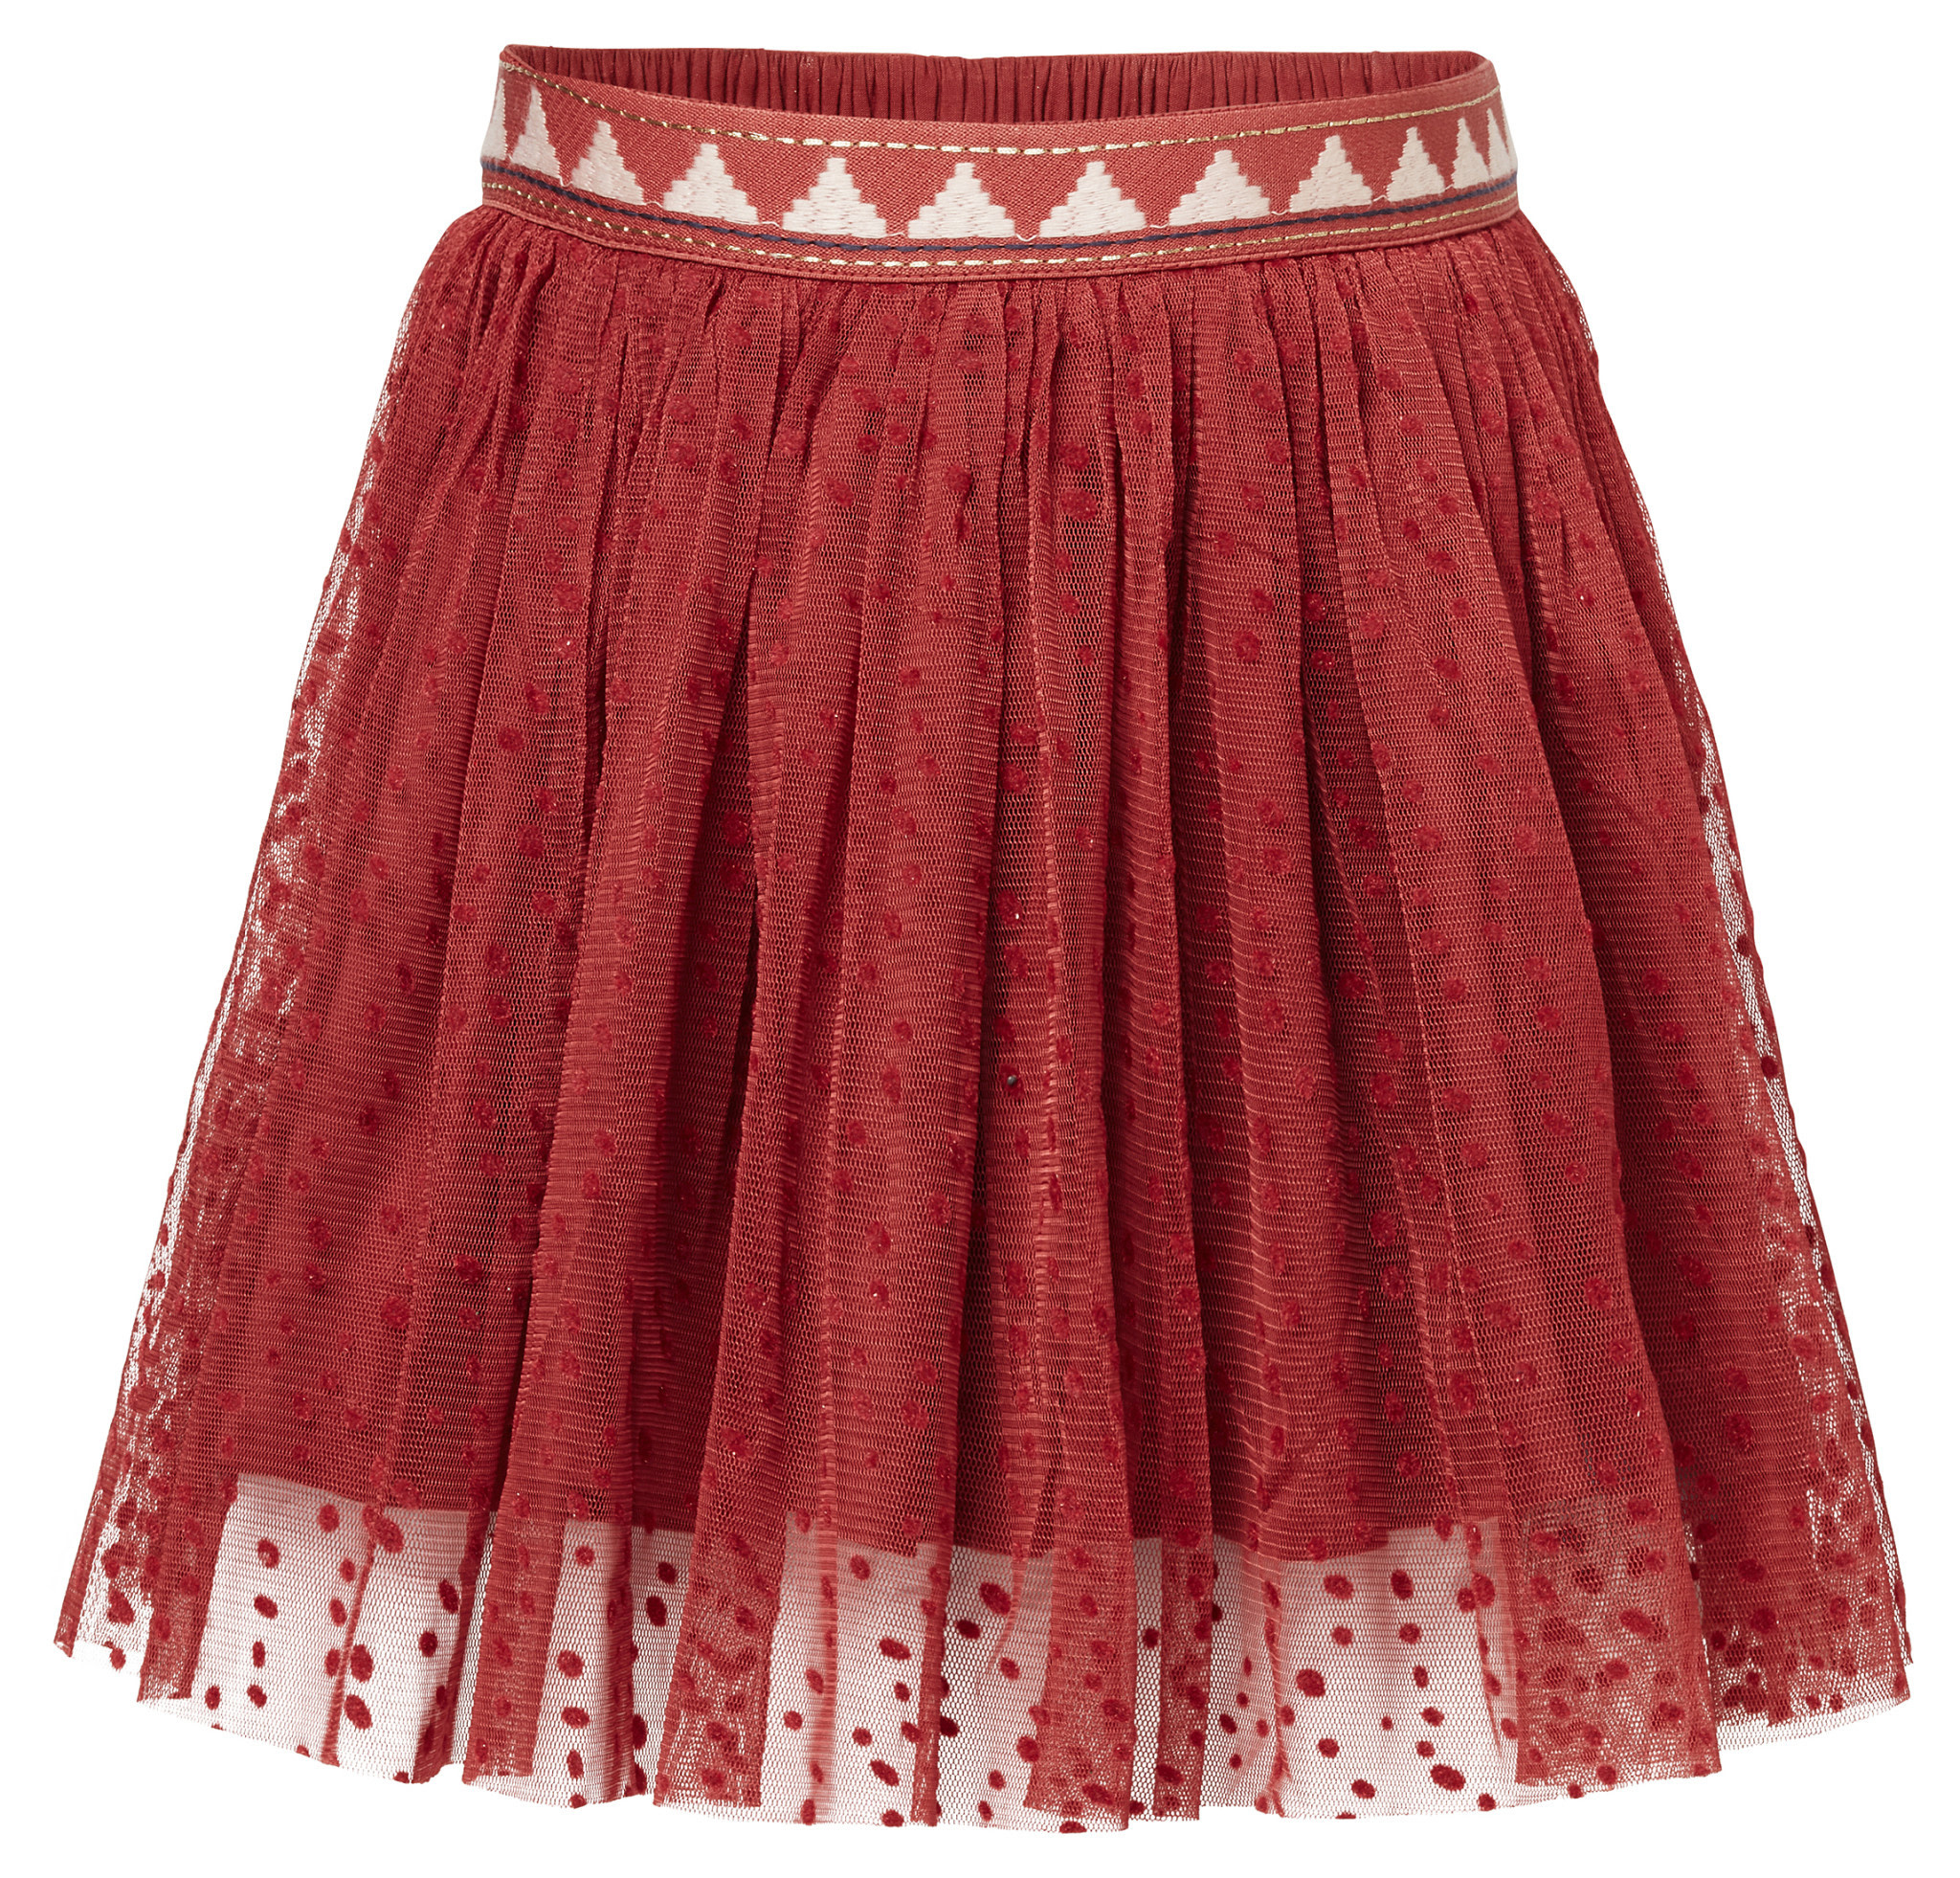 Langdale Skirt